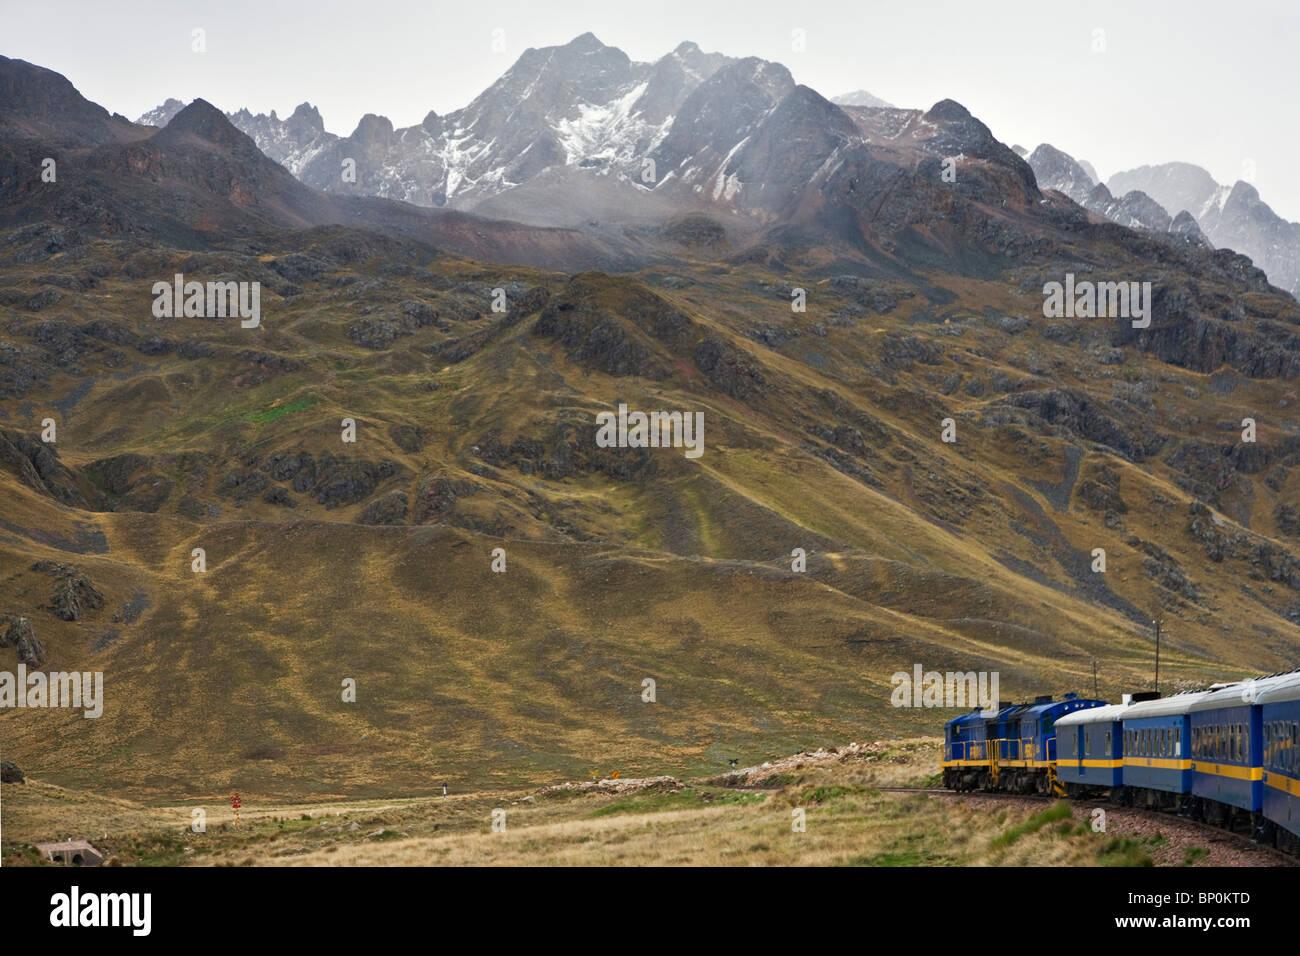 Perú, el paisaje de las altas montañas de los Andes desde la comodidad de la Andean Explorer Express tren Imagen De Stock